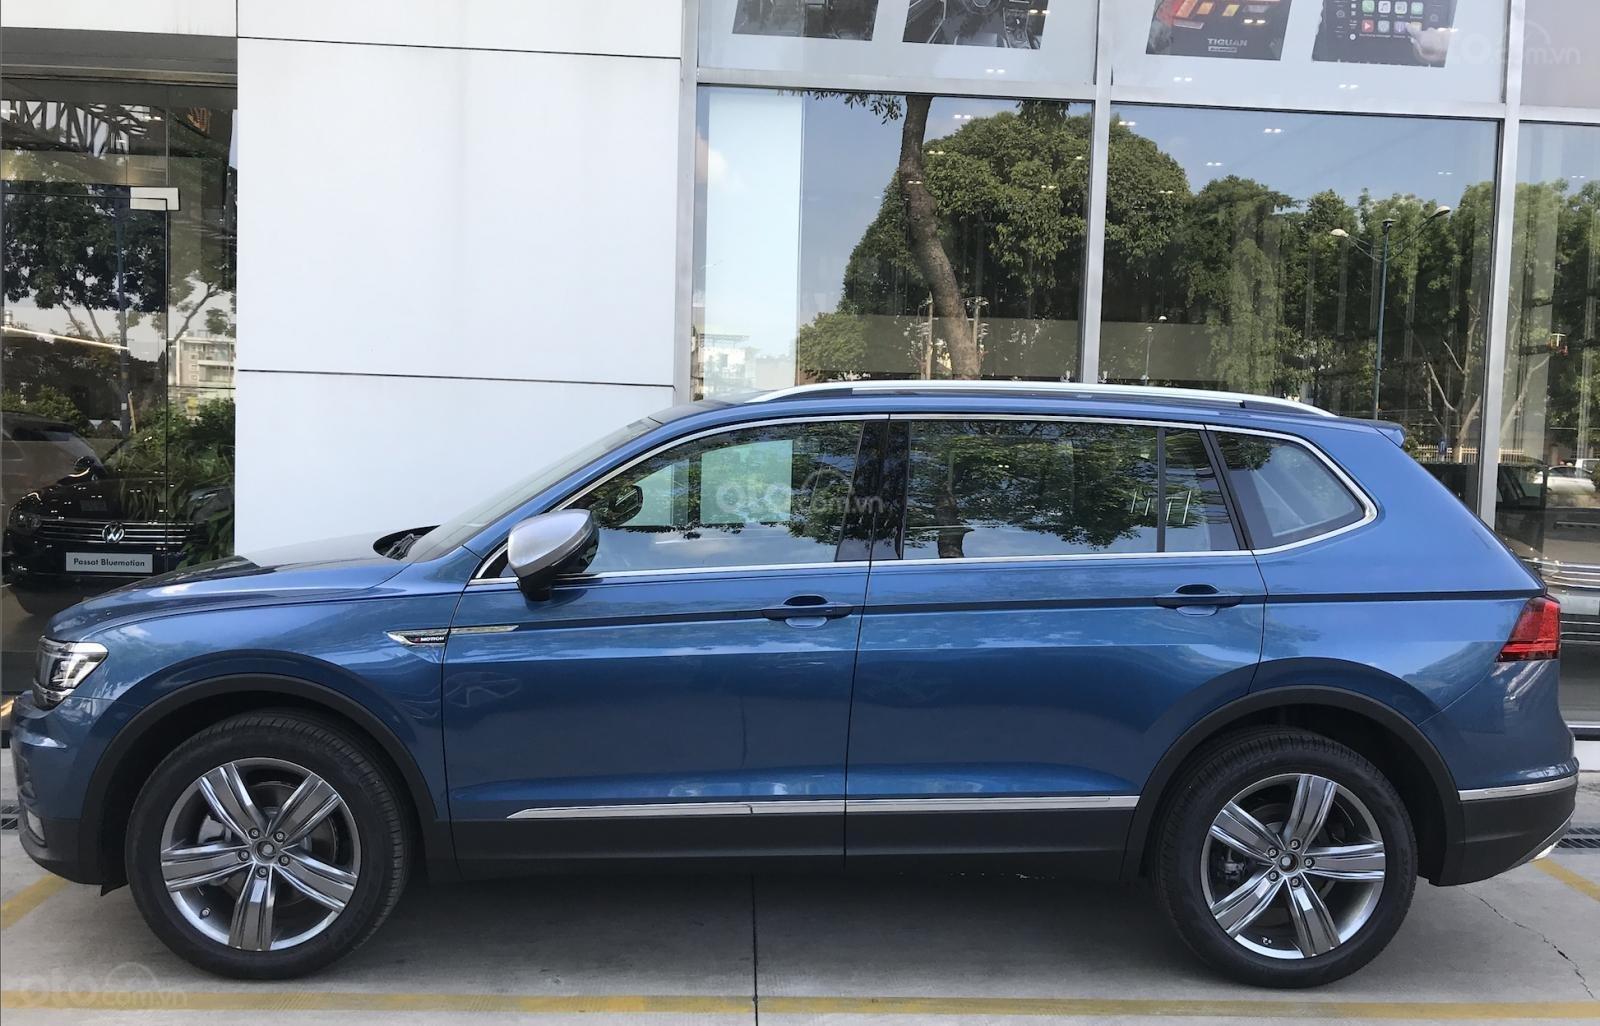 Khuyến mãi đặc biệt cho xe Tiguan Luxury 2020 màu xanh, Ms. Lan Phương VW Sài Gòn (3)